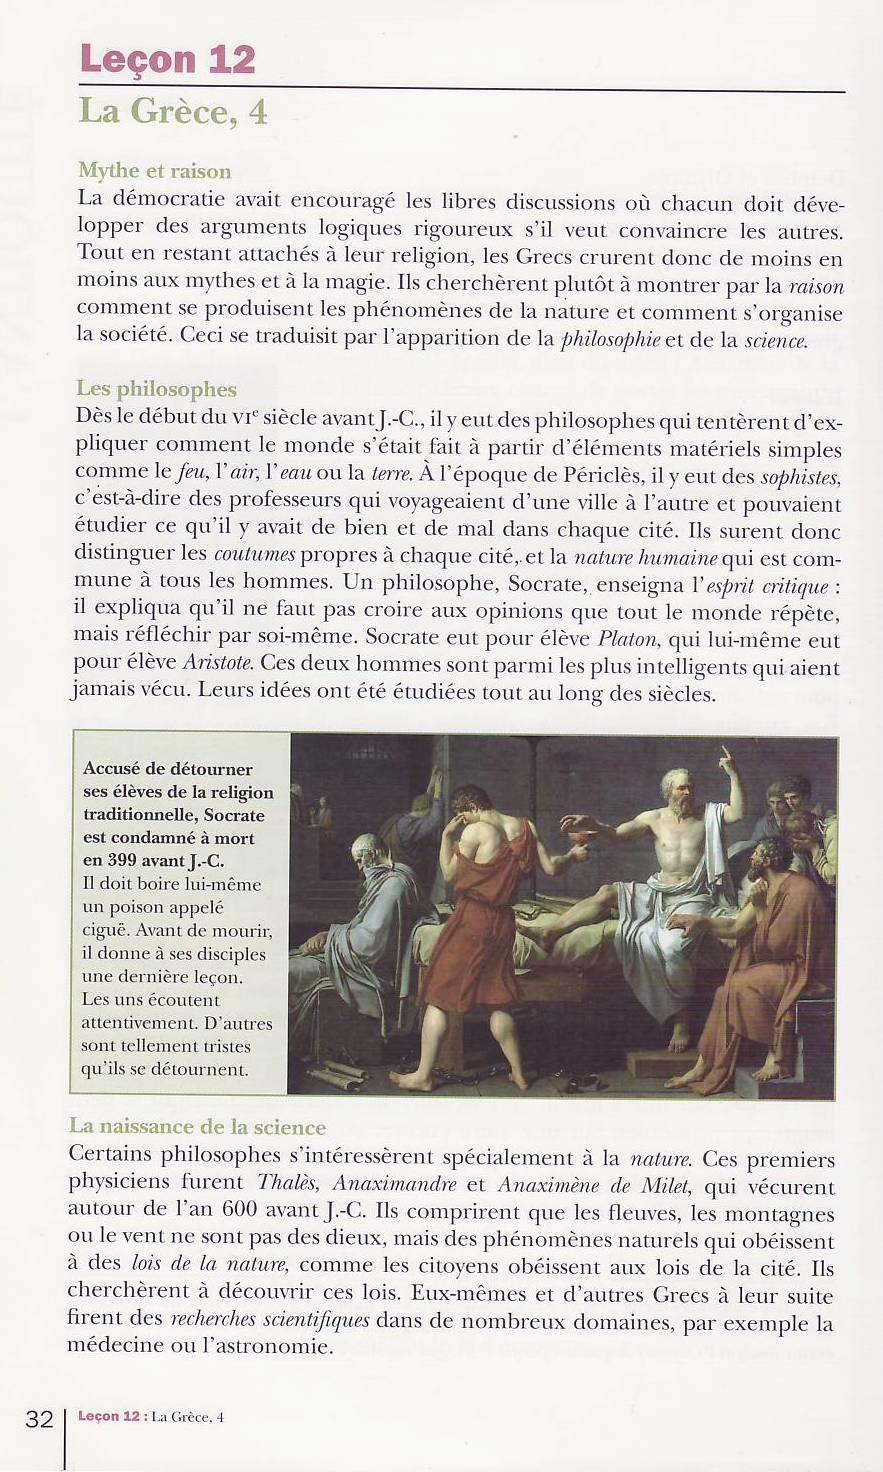 grèceLdE p 32